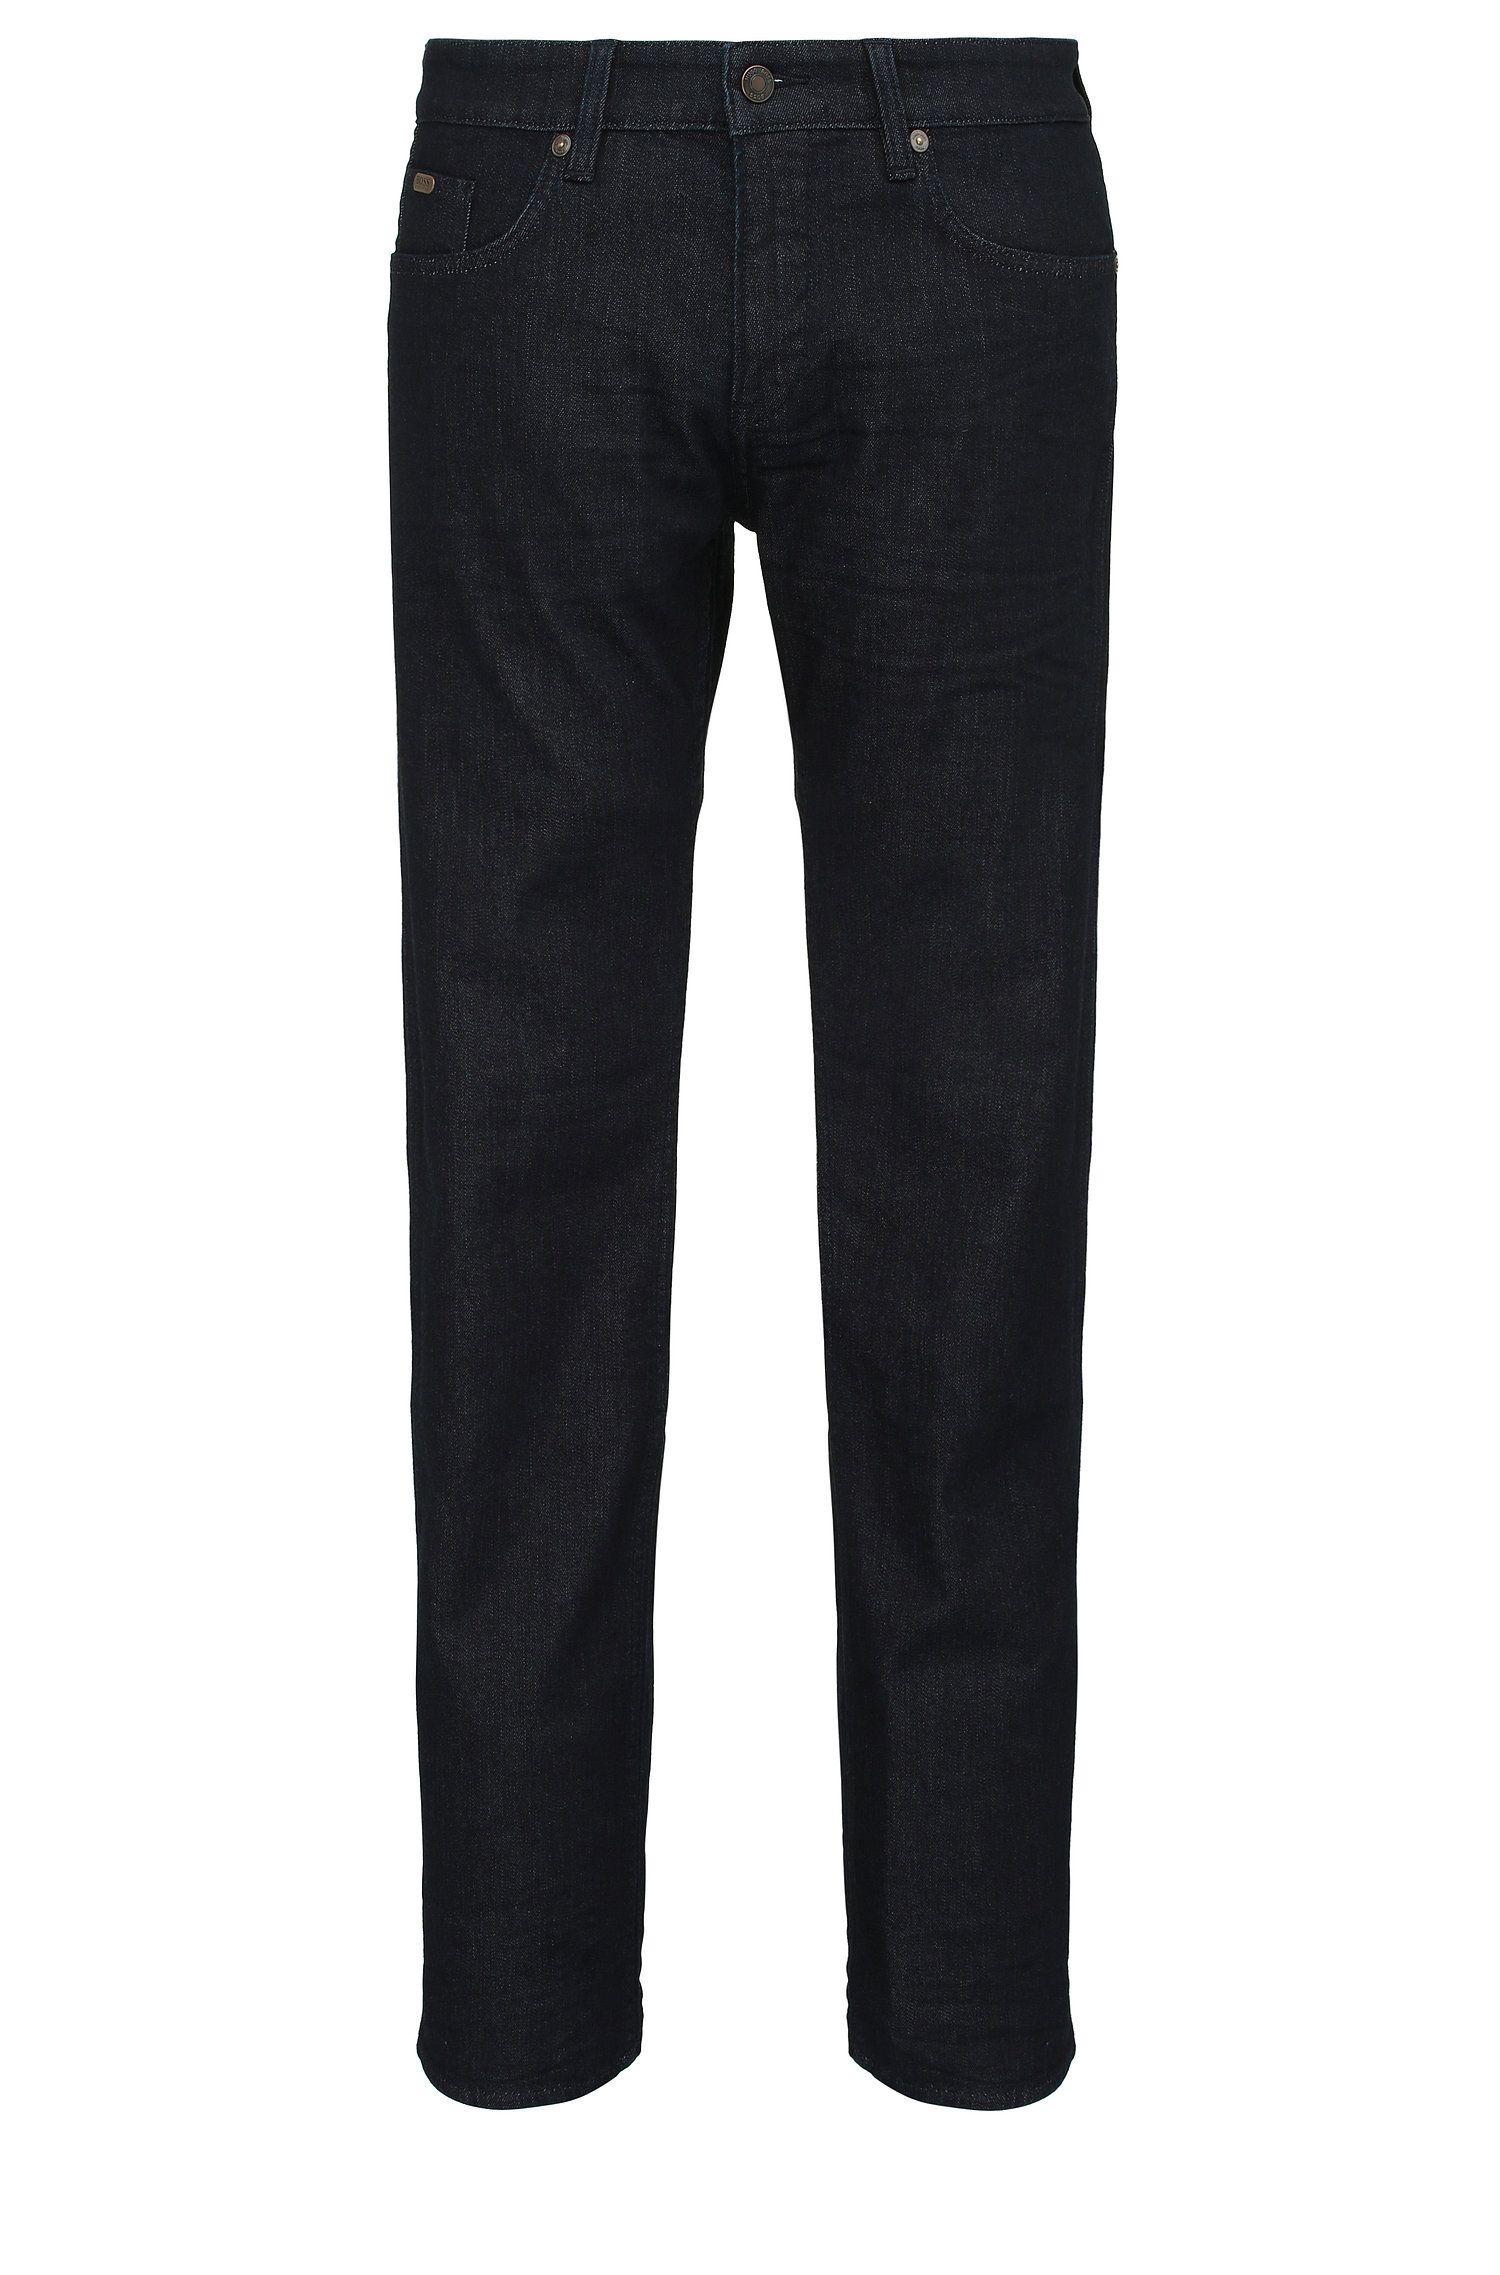 Jeans Slim Fit en coton mélangé extensible: «C-DELAWARE1»